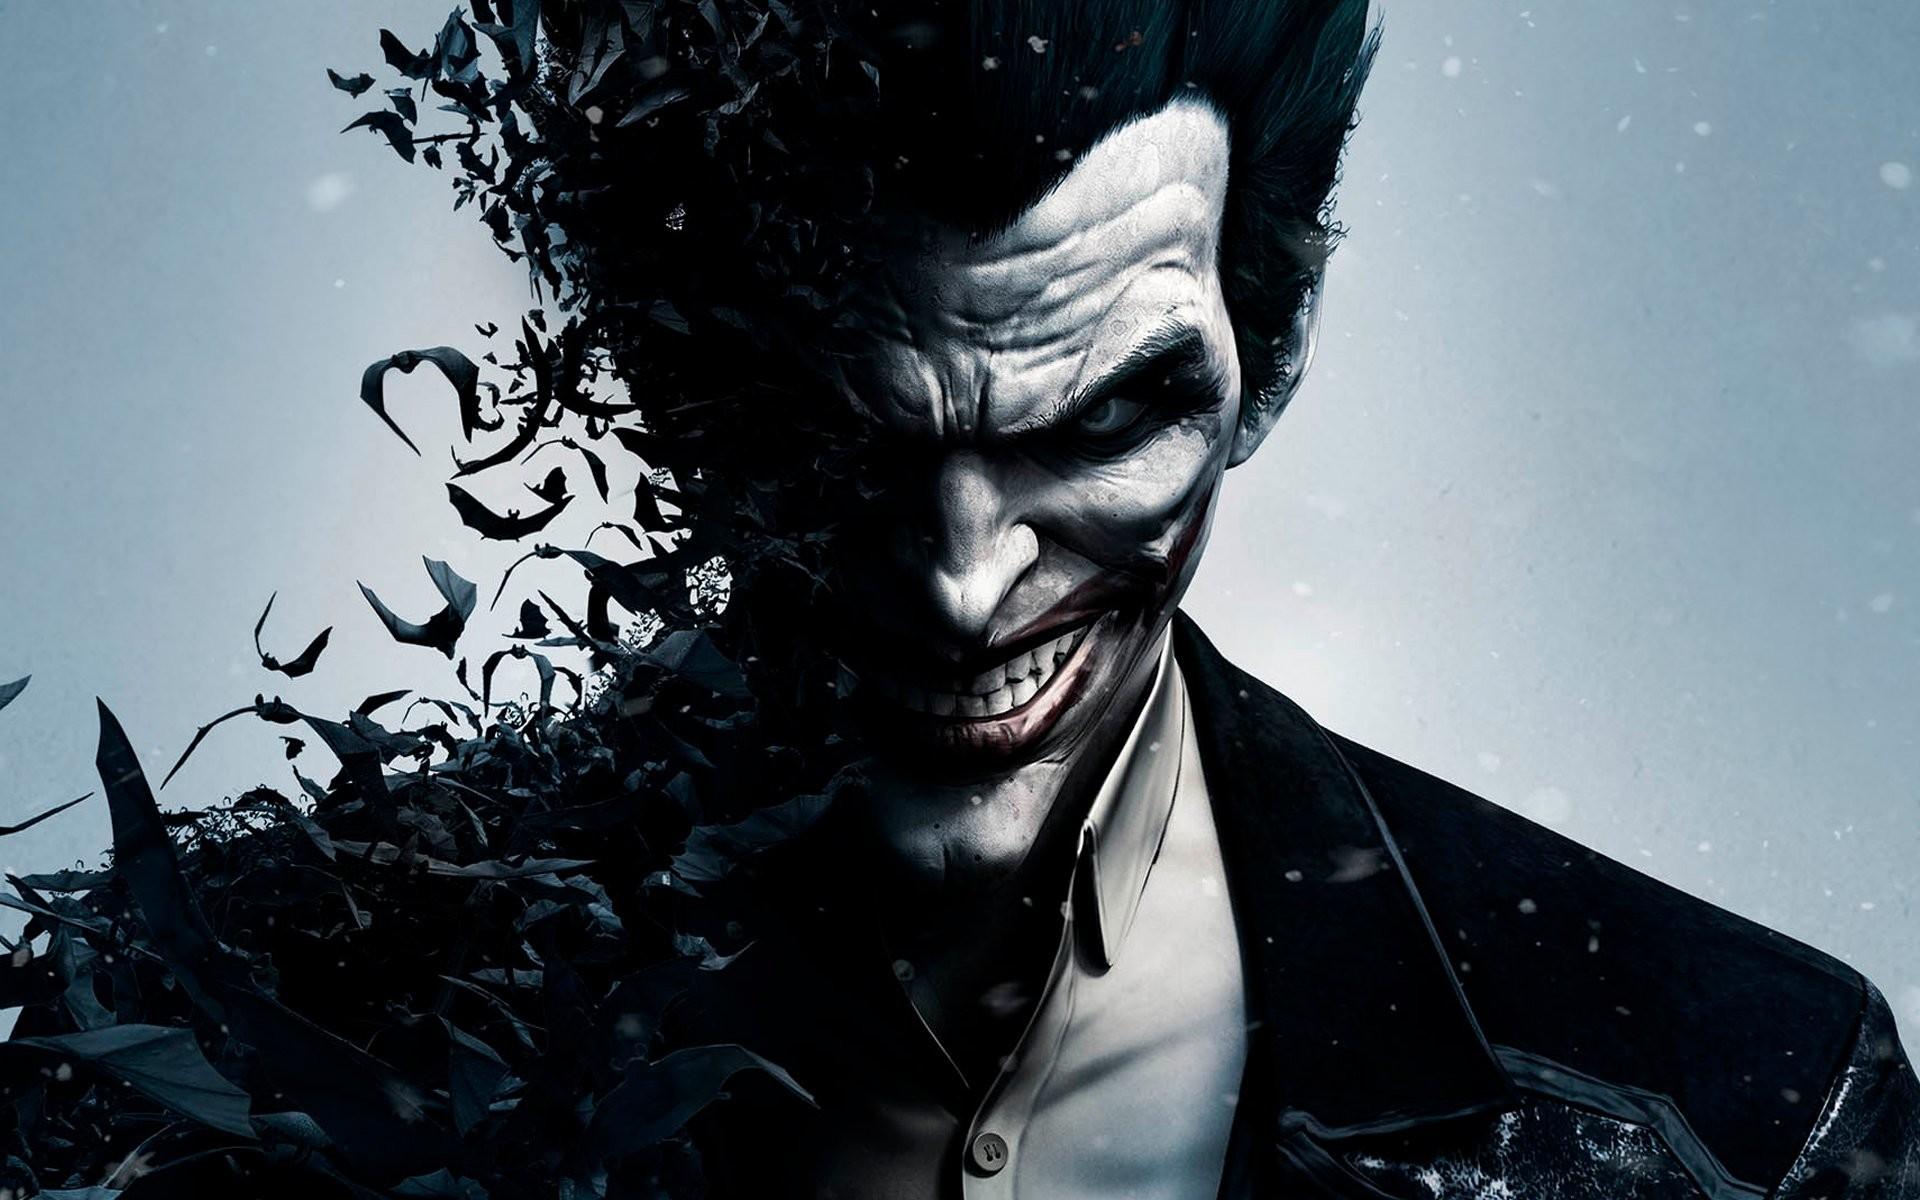 batman joker wallpaper (71+ images)